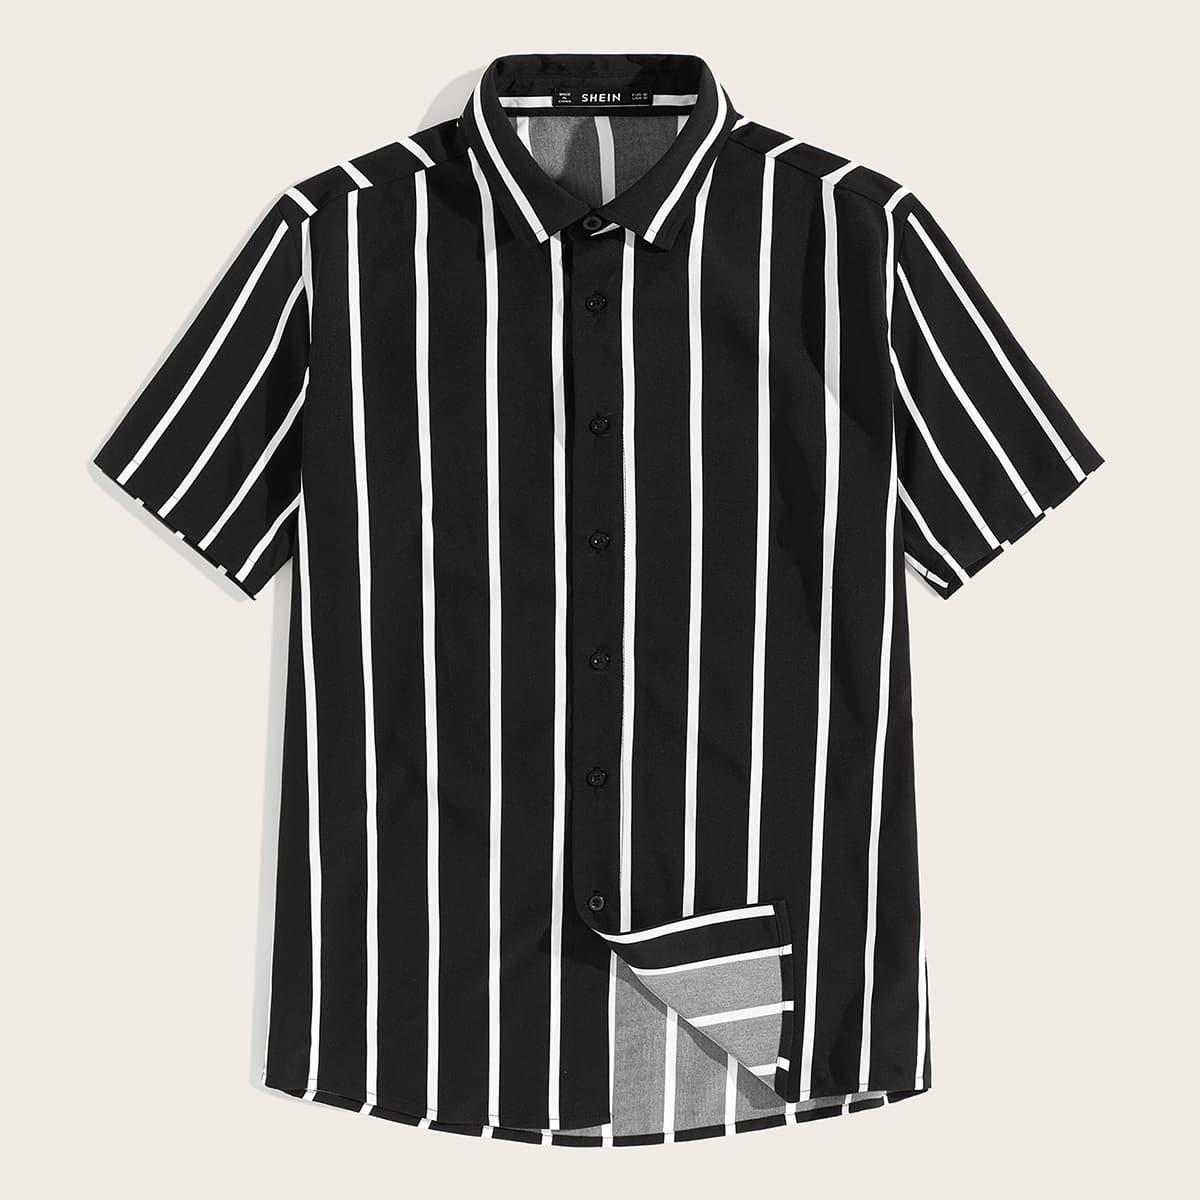 Мужская Рубашка В Полоску С Пуговицами SheIn smshirt07190604020